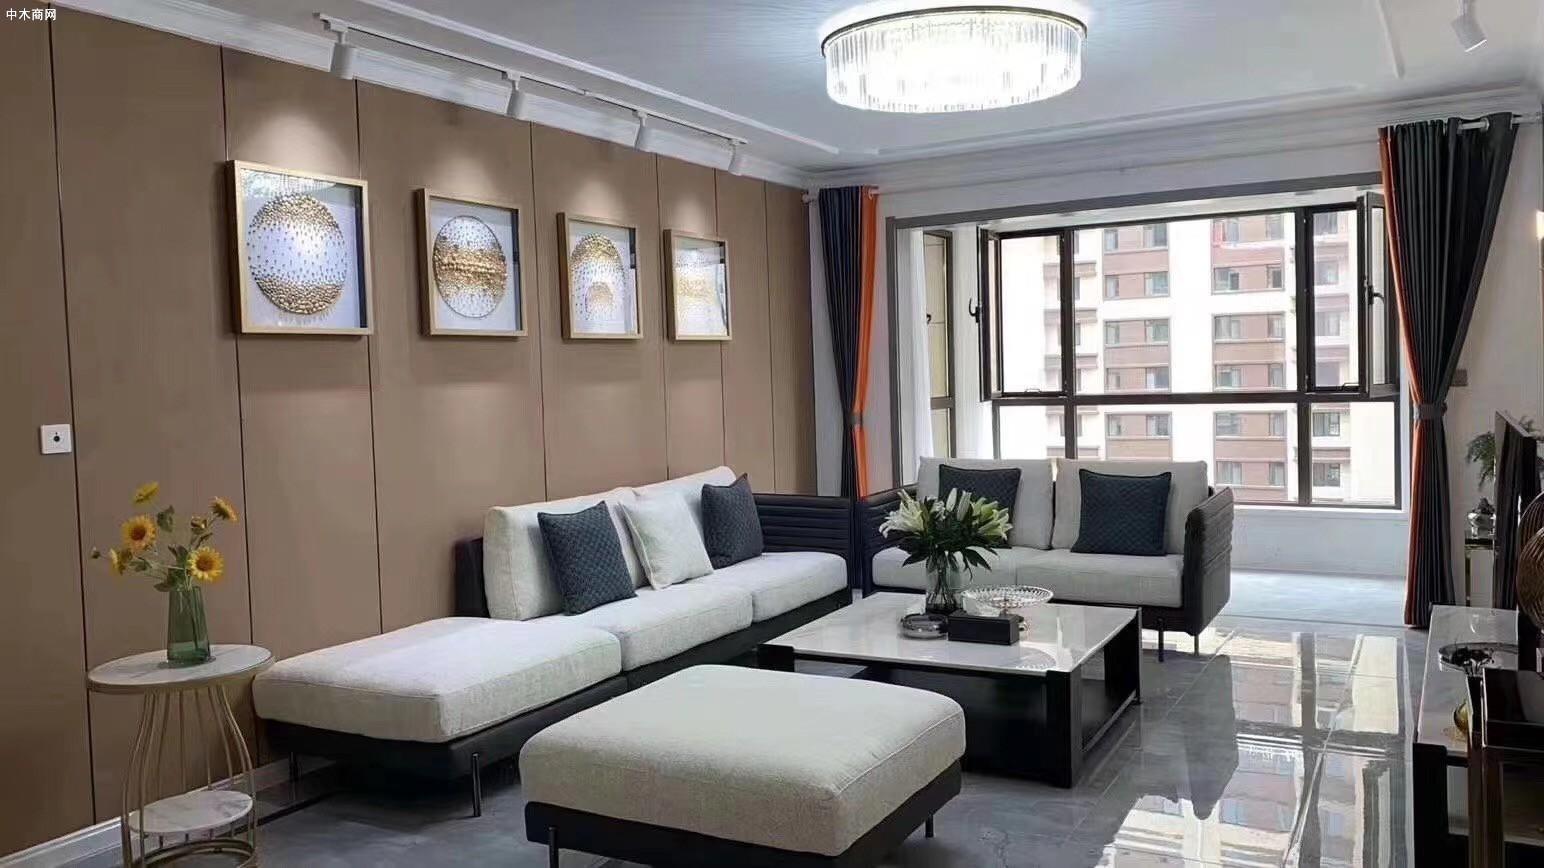 科技布沙发透气性怎么样及能用多久厂家